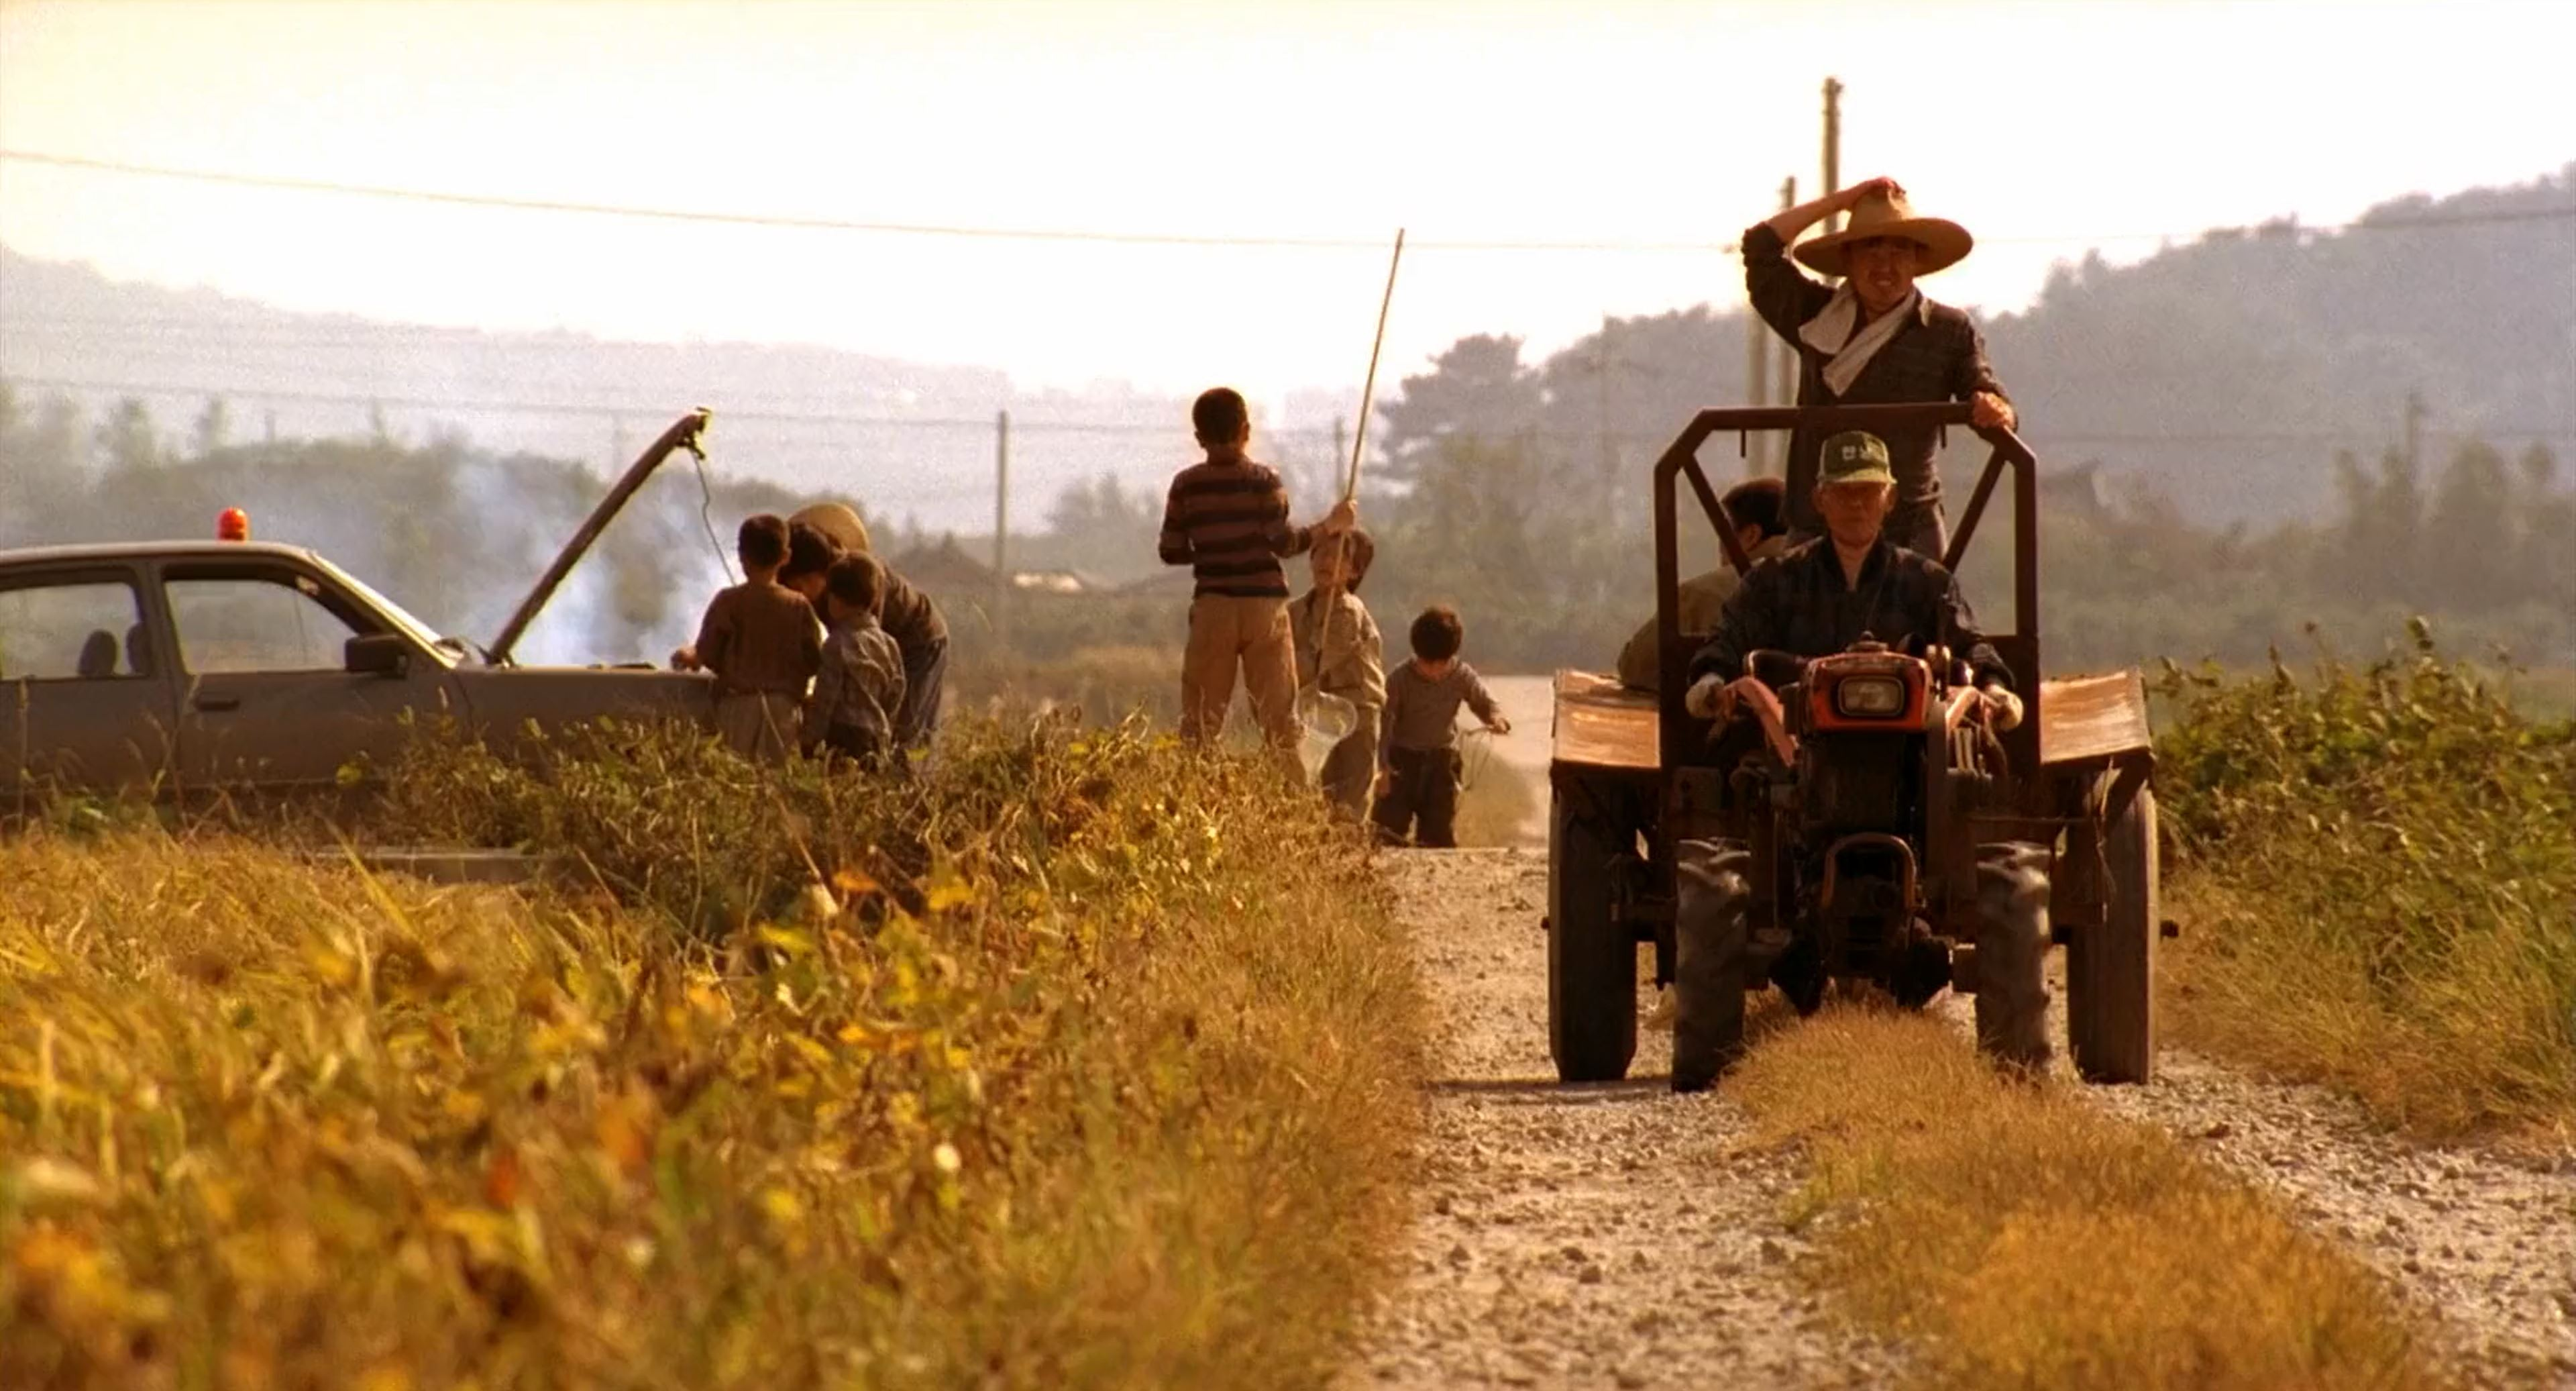 خاطرات قتل (۲۰۰۳)؛ آهای تویی که داری این فیلم رو میبینی! قاتل تویی؟